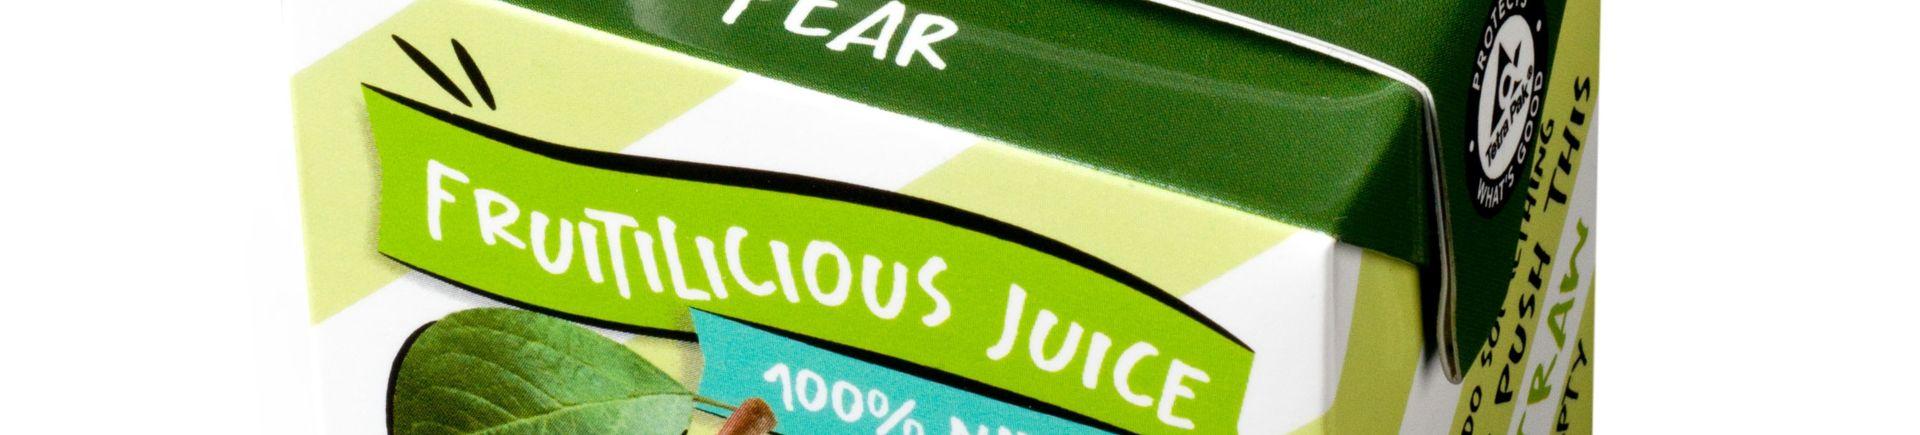 Fruitilicious Juice